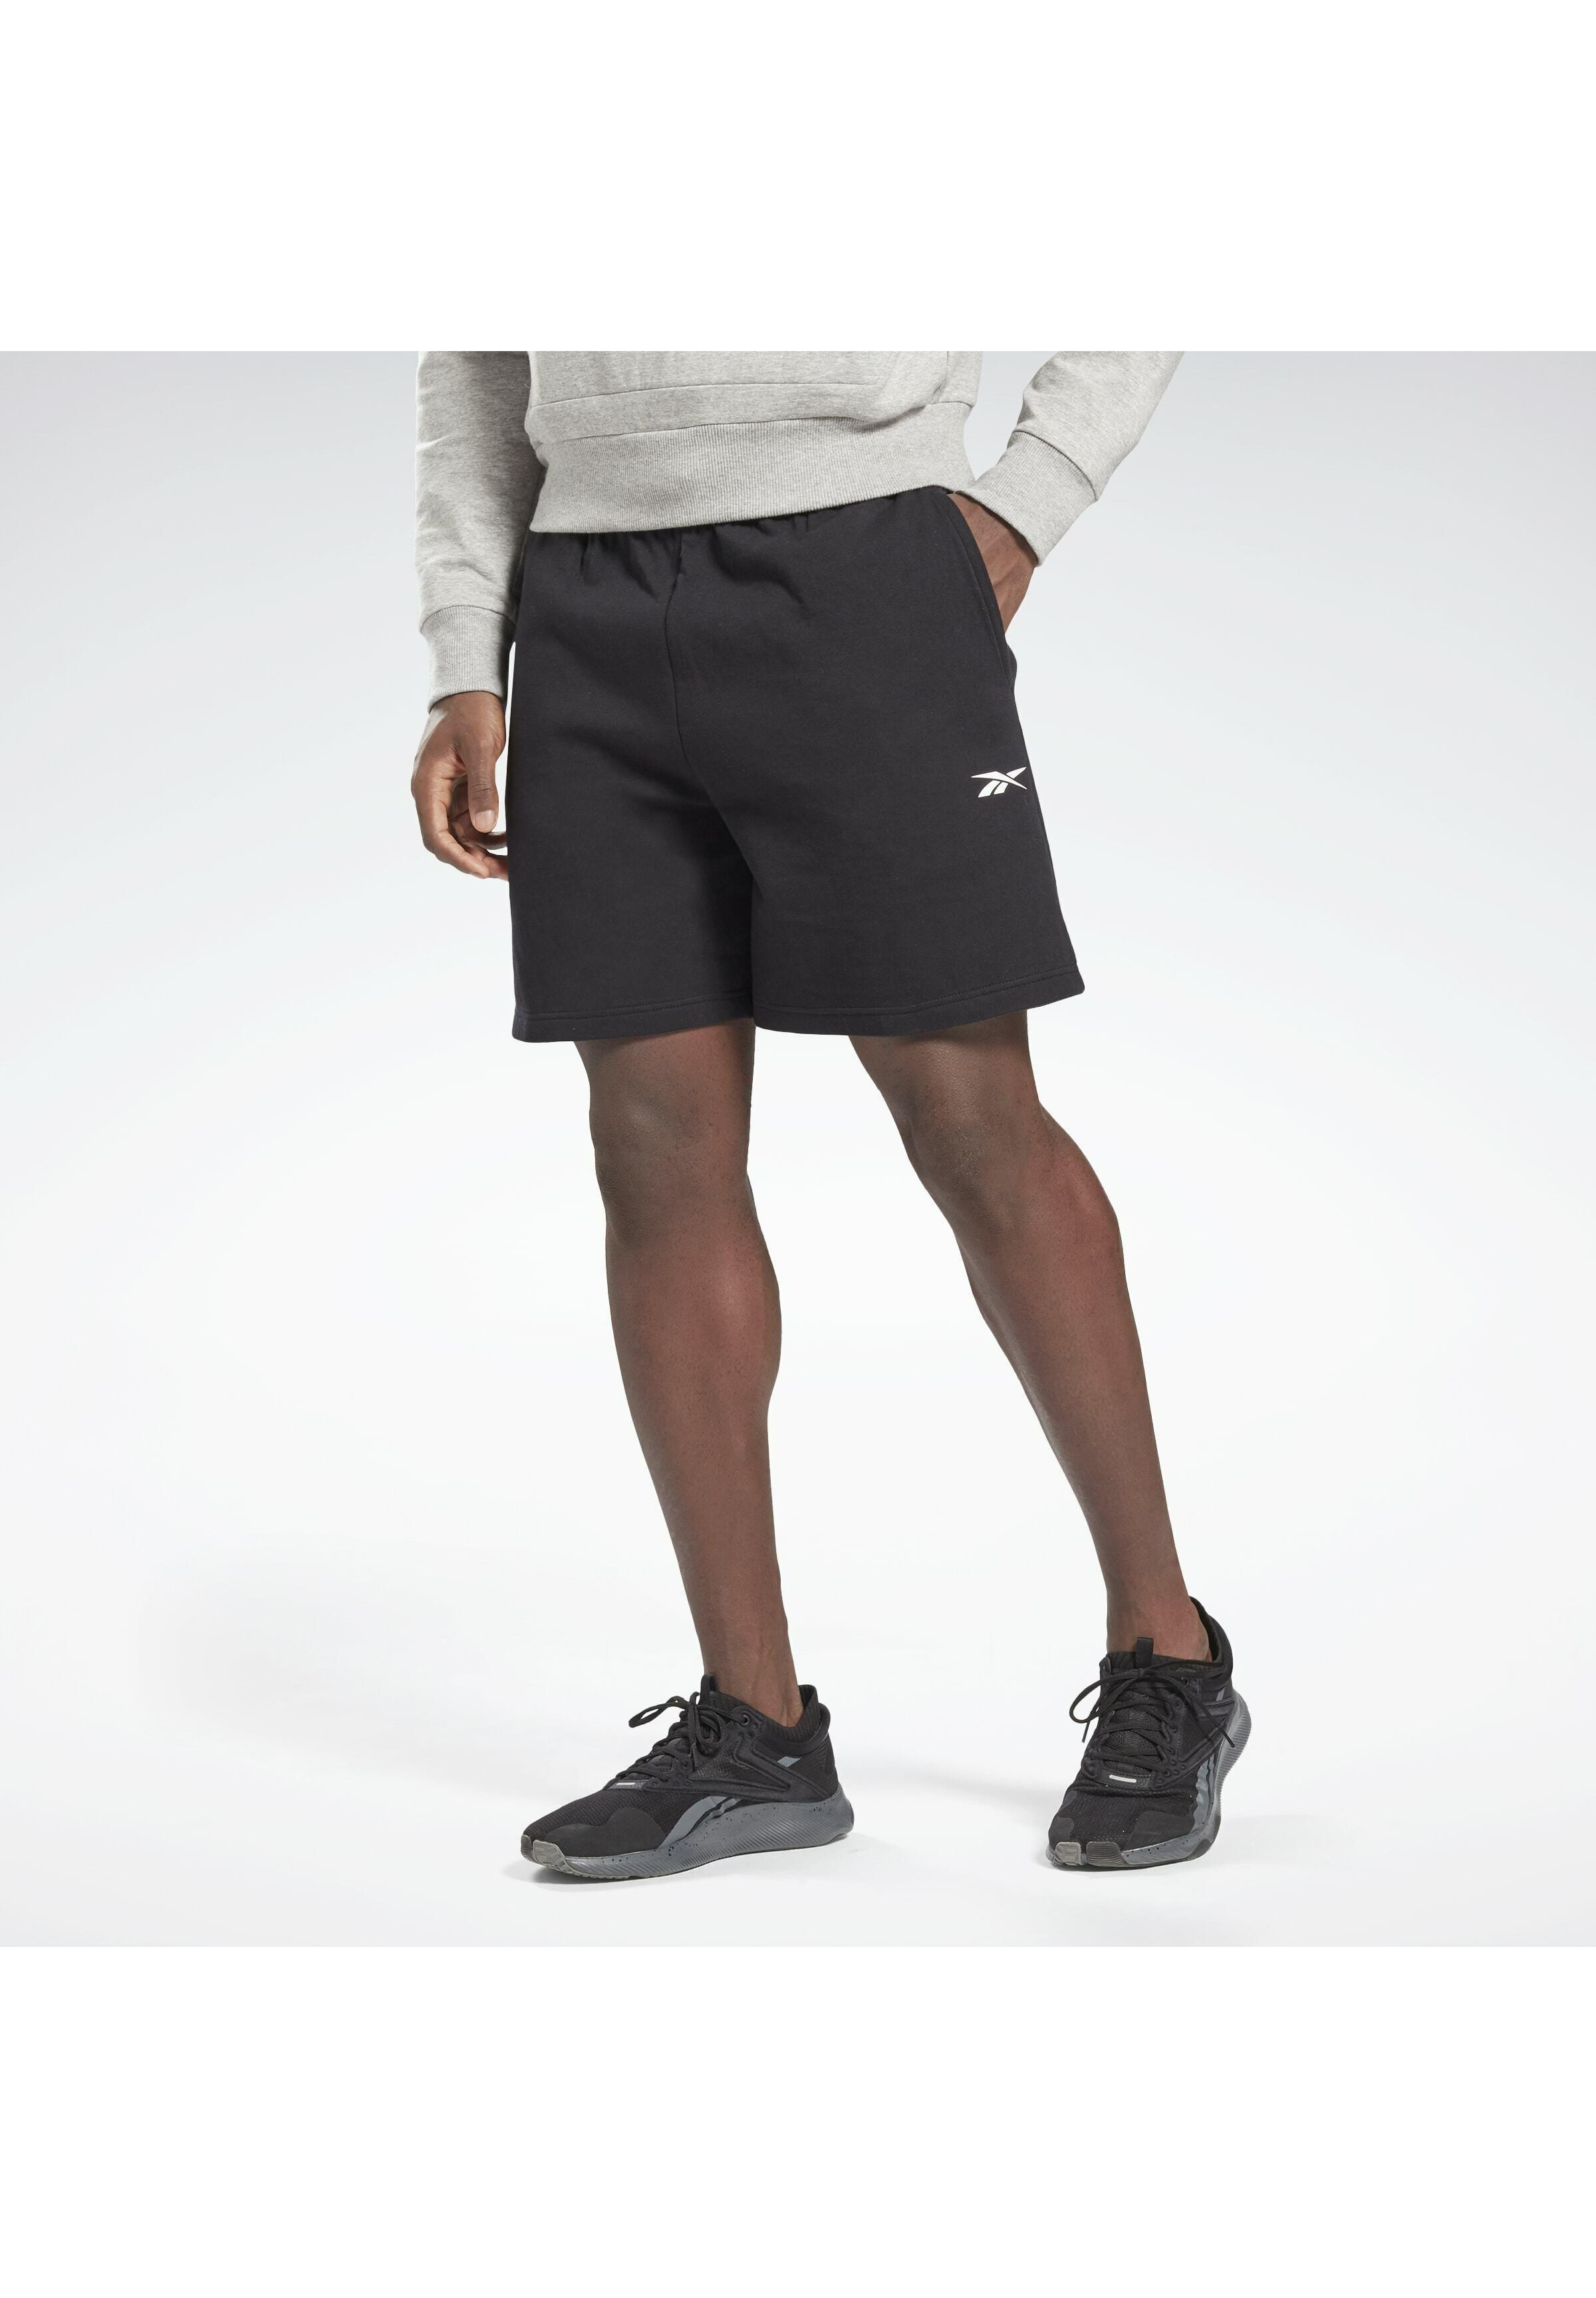 Herren DREAMBLEND COTTON SHORTS - kurze Sporthose